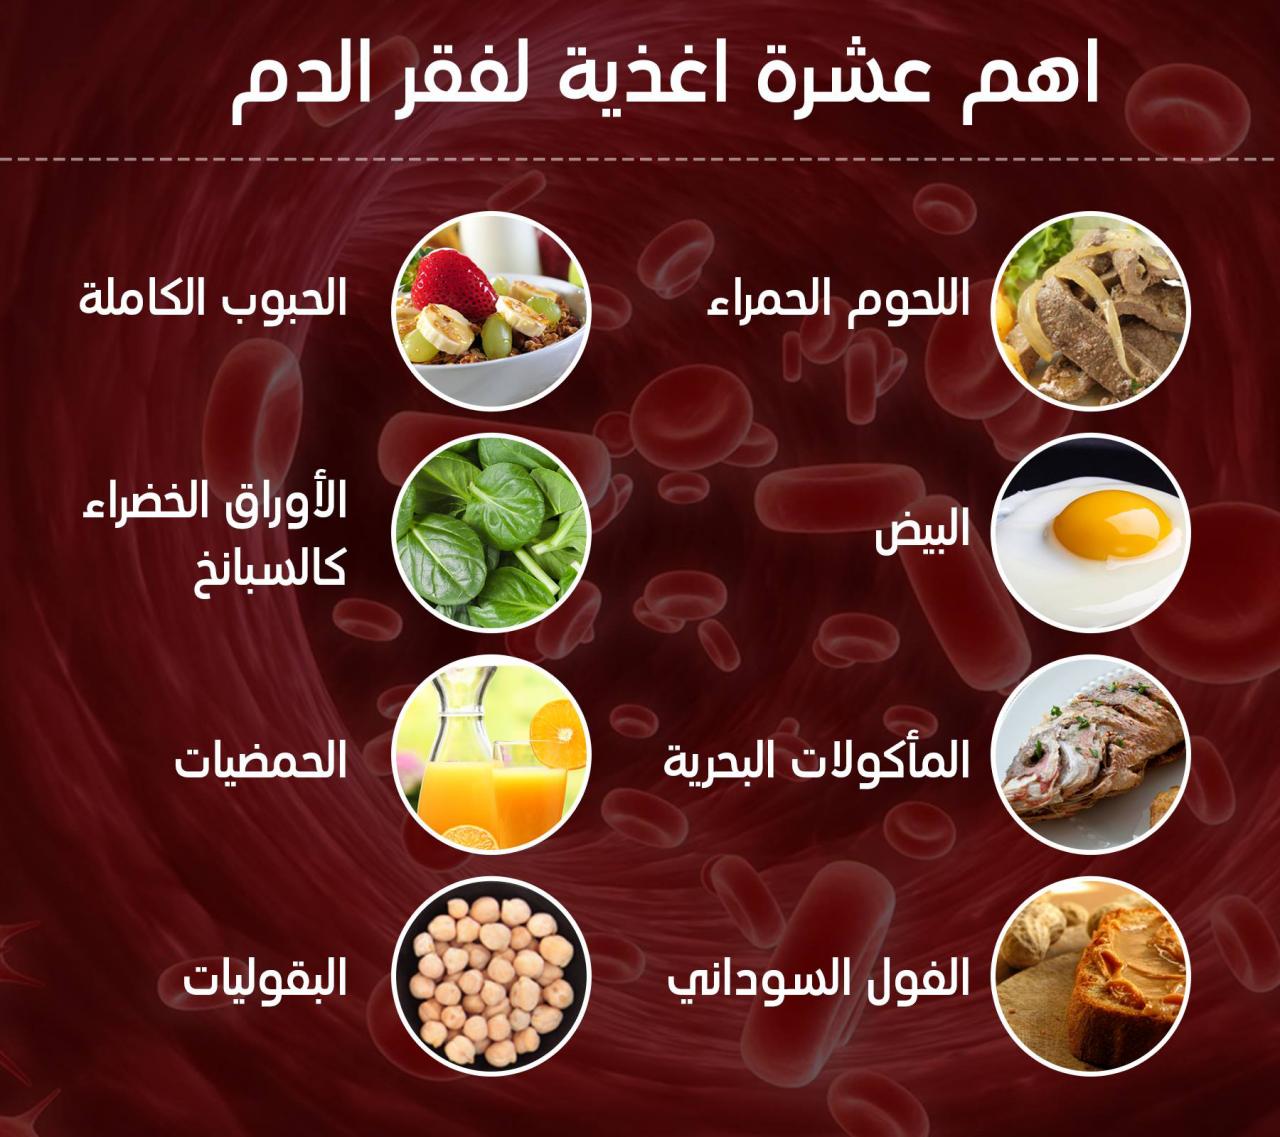 صورة اعراض مرض فقر الدم , طرق معرفه مرض فقر الدم